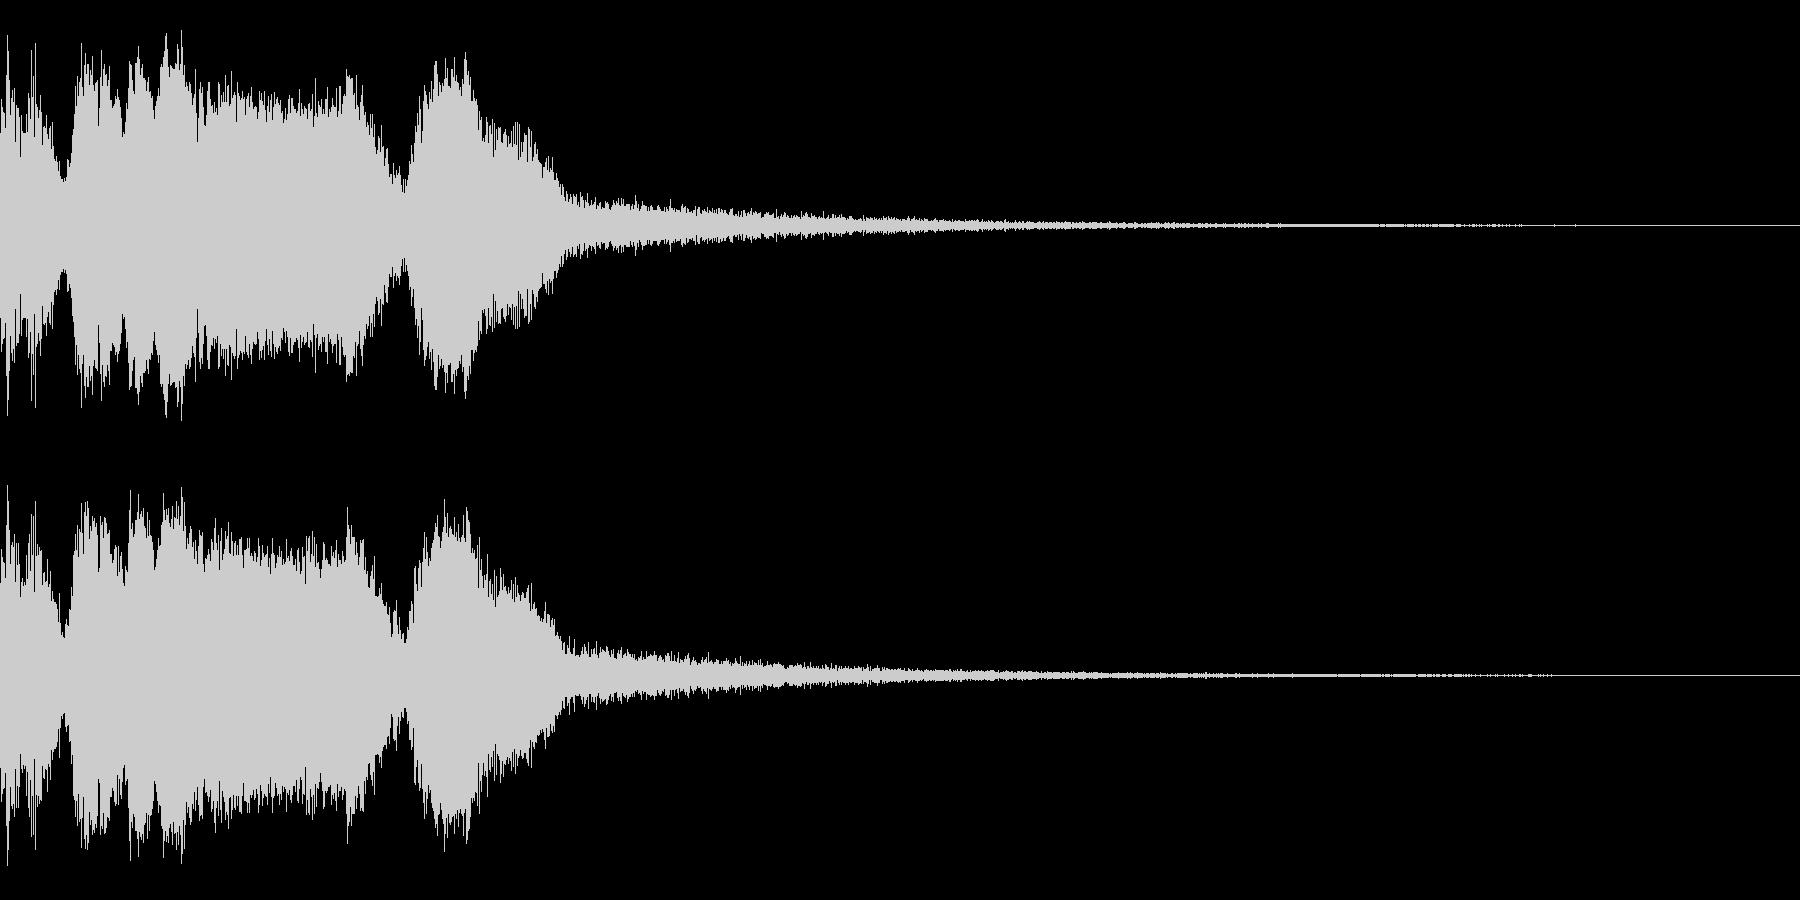 DJFX ヒットチャート発表前SE 15の未再生の波形